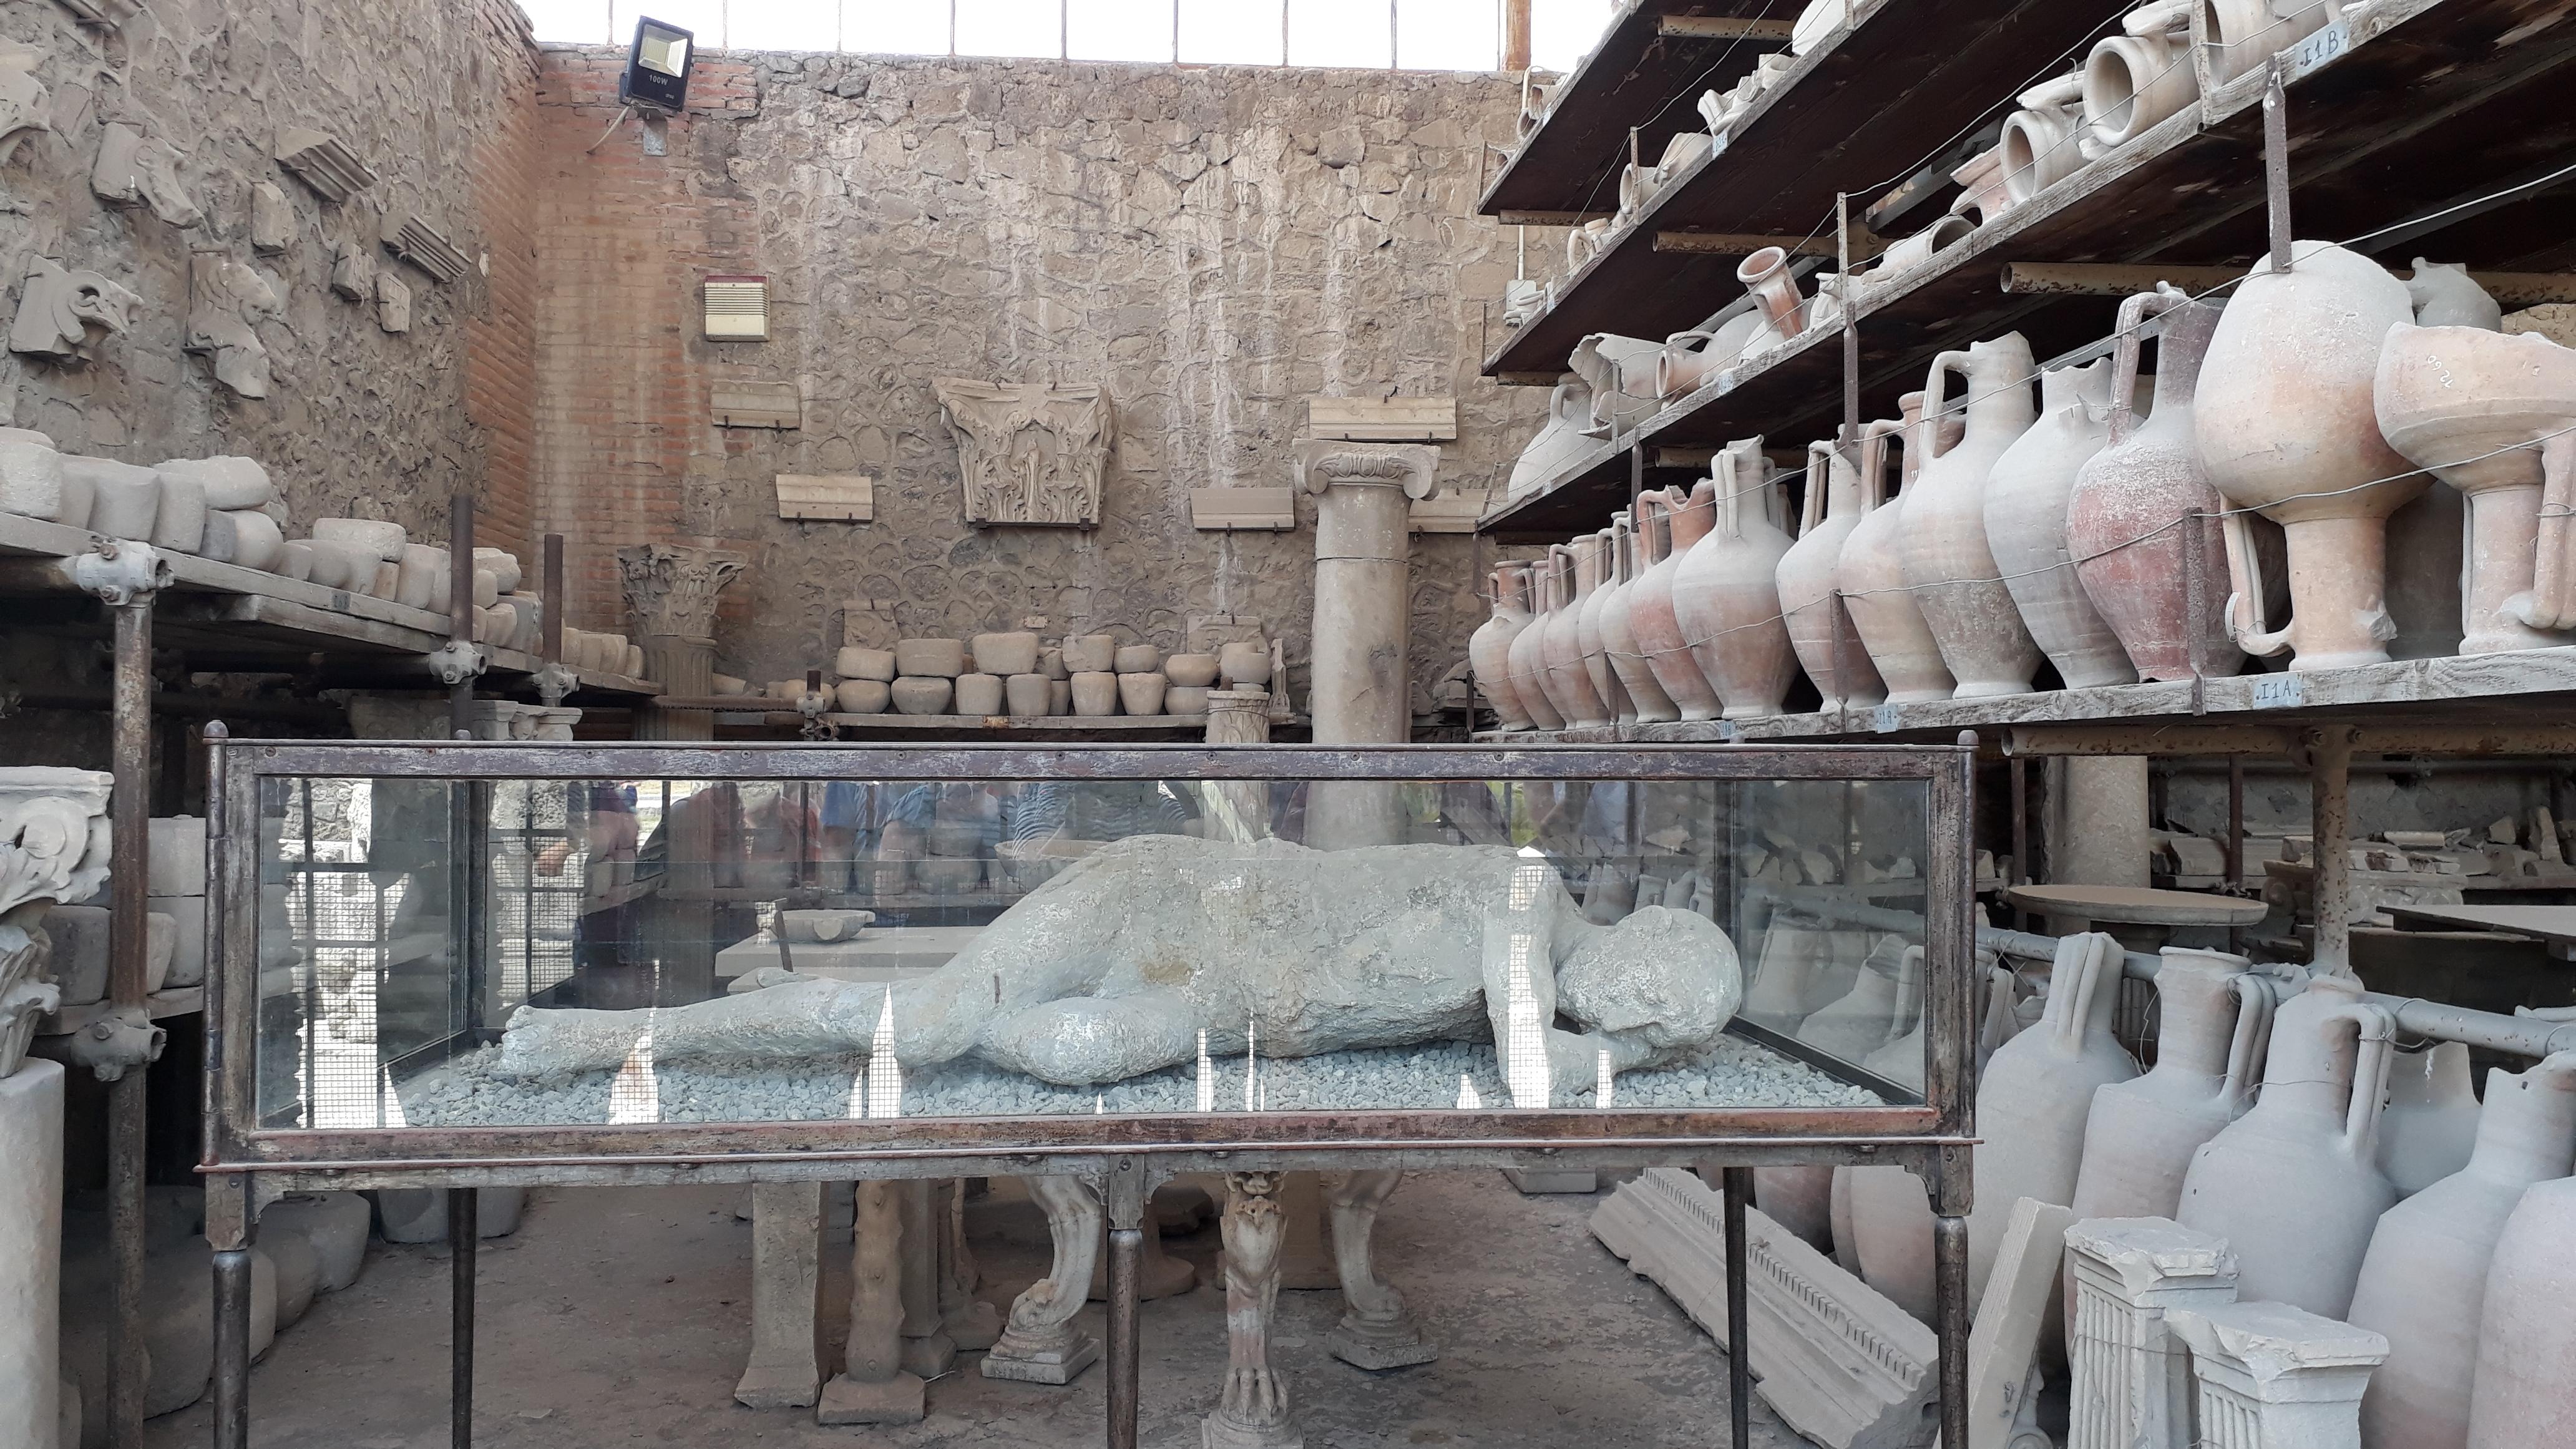 Gipsstatue und Tongefäße von den Ausgrabungen in der antiken Stadt Pompeji, die vor nahezu 2000 Jahren bei einem verheerenden Vulkanausbruch unter Asche und Lavagestein verschwand